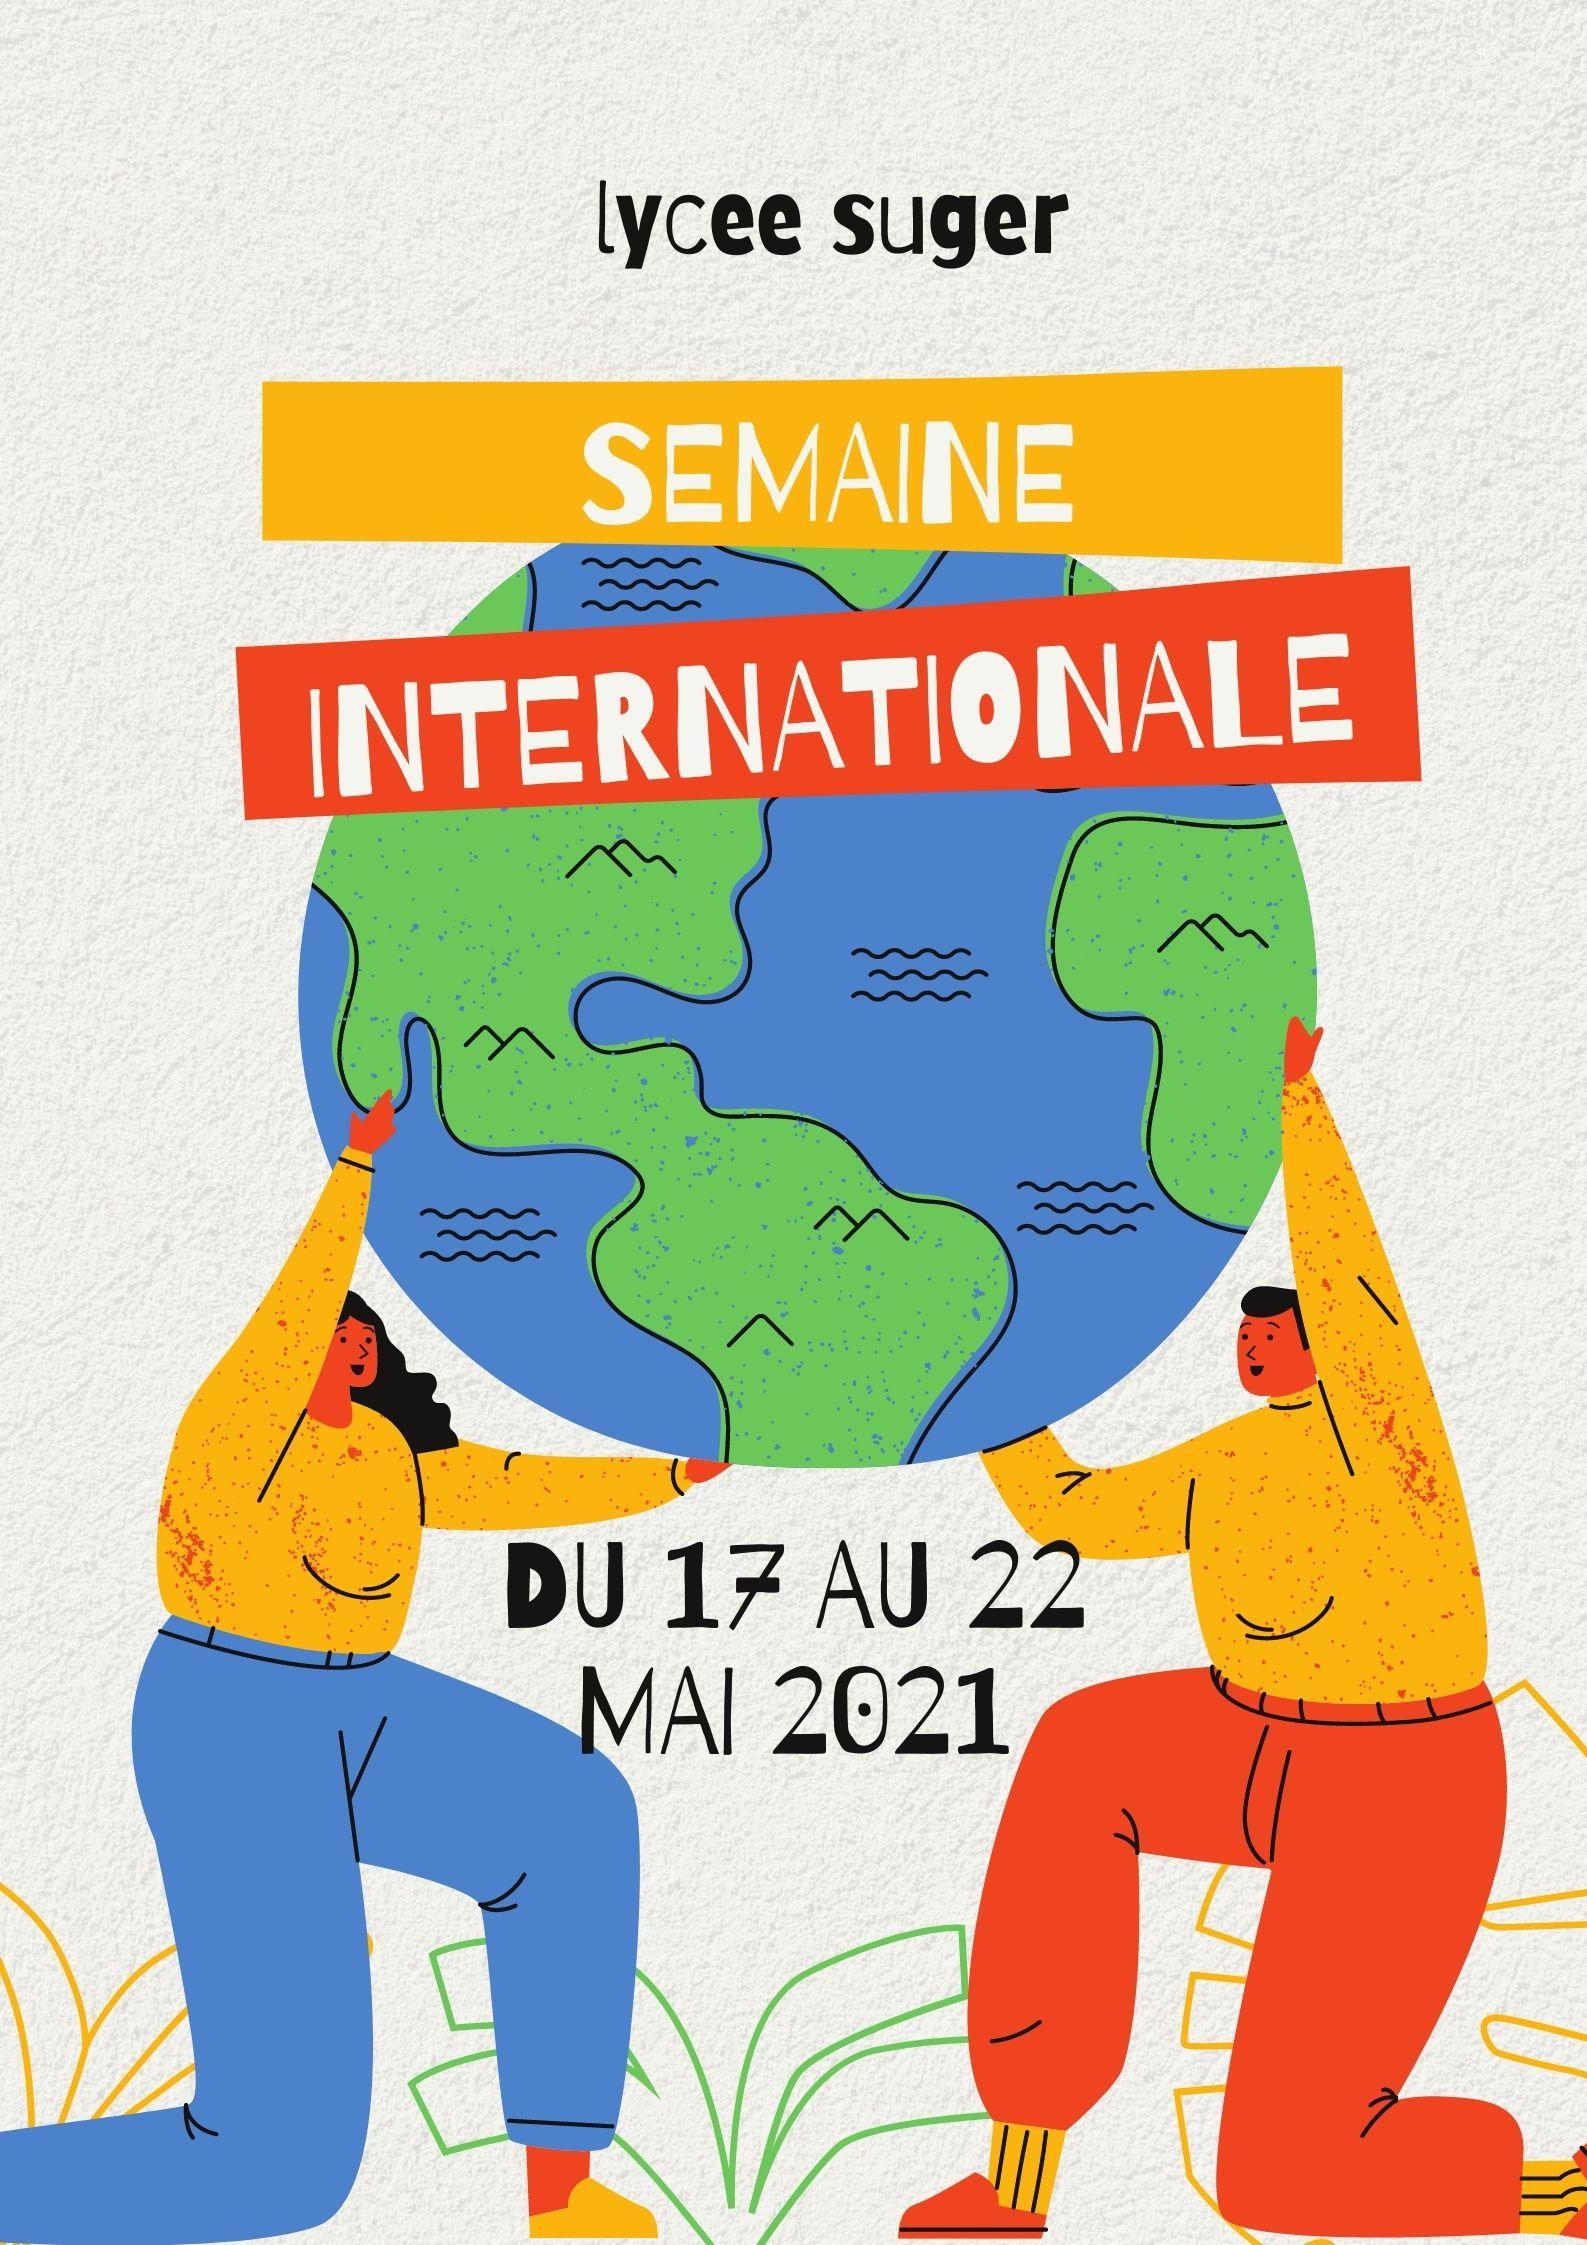 Semaine internationale du 17 au 21 mai sous le signe de la musique